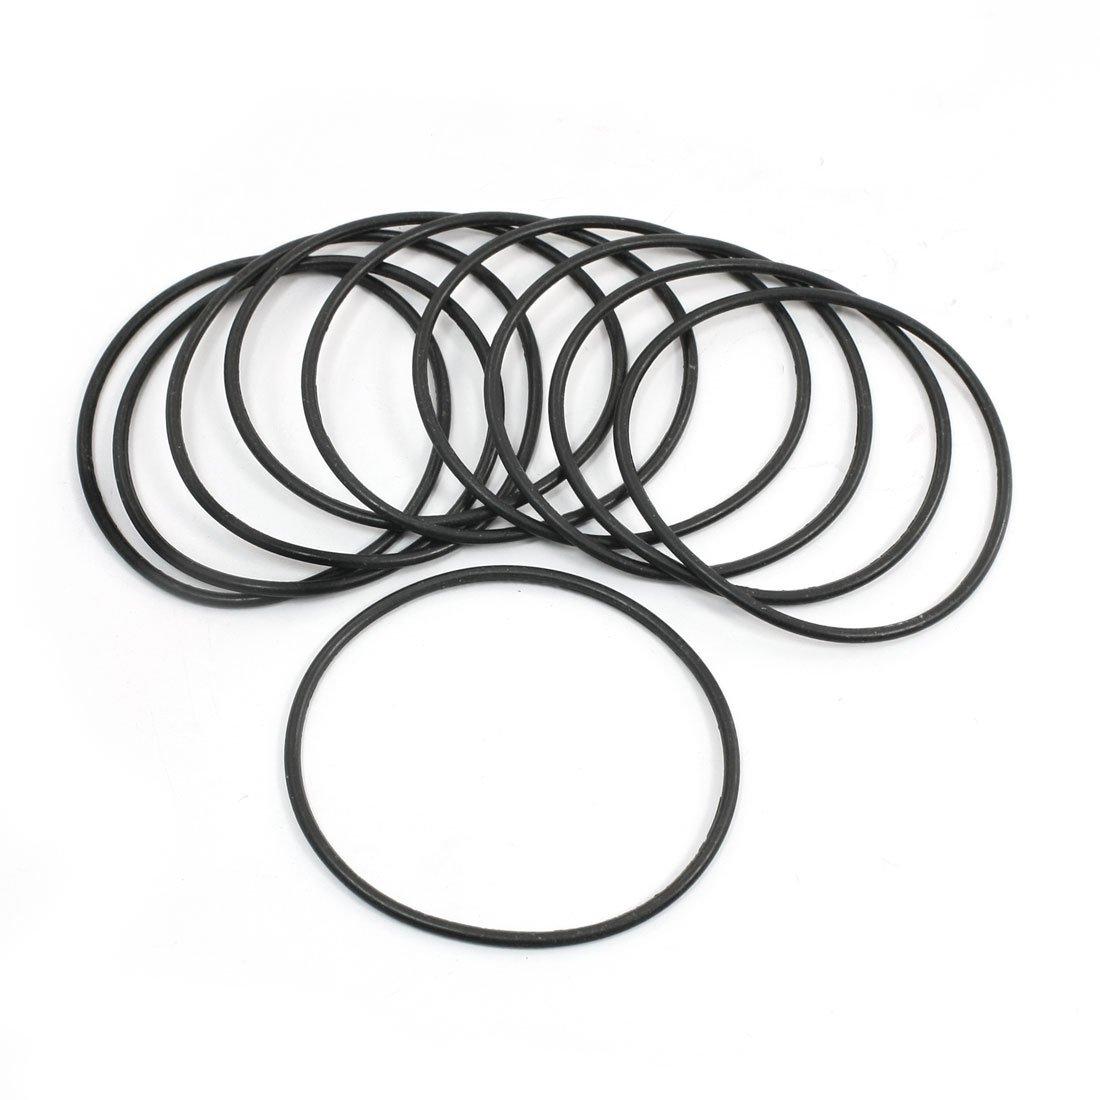 Sourcingmap a14022400ux0519 - Contenente gomma guarnizione o-ring olio parti meccaniche 72, 3 x 2, 65 mm 10 pezzi